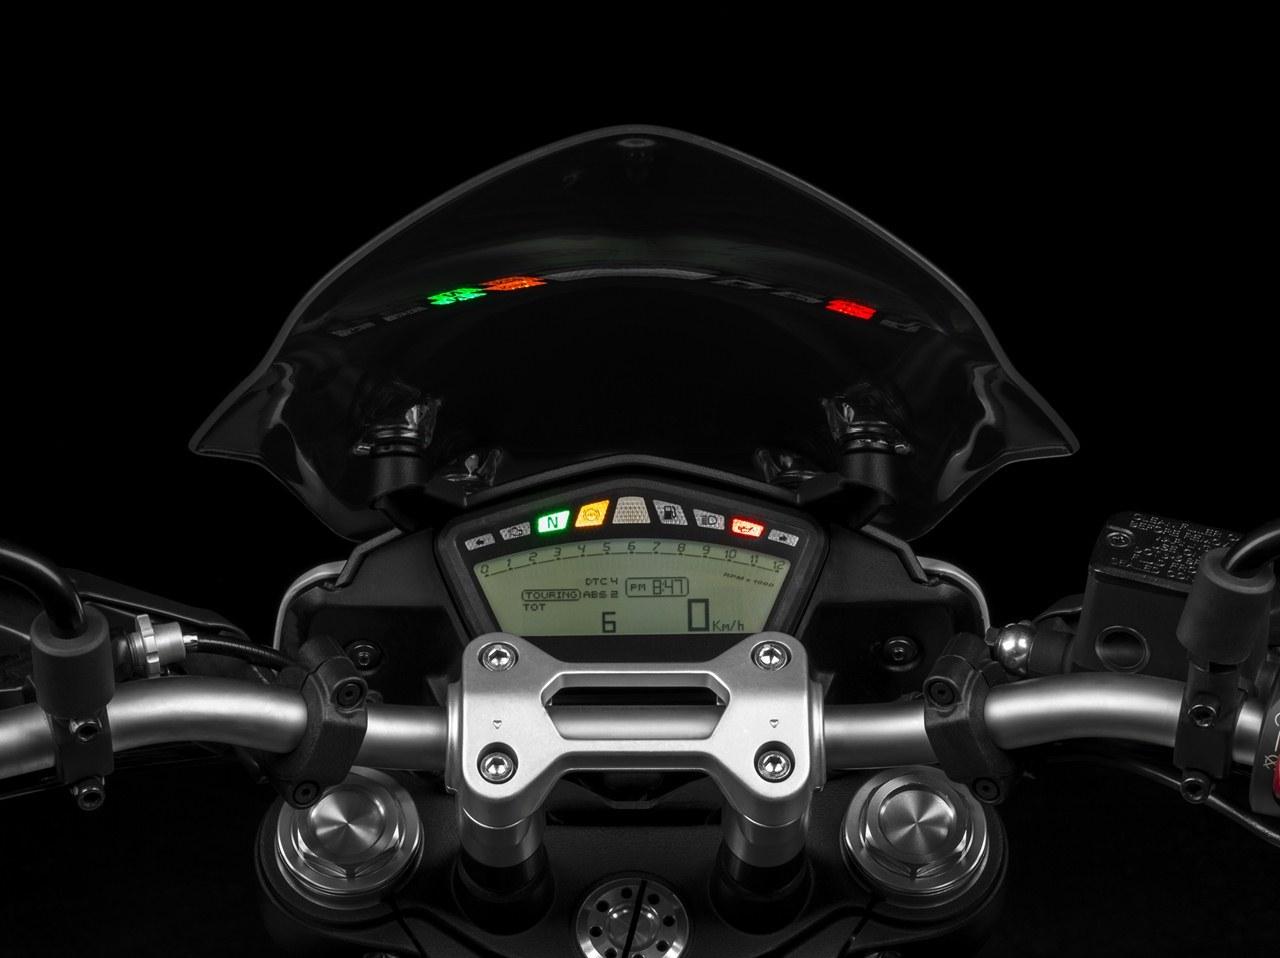 Foto de Ducati Hypermotard, Hypermotard SP e Hyperstrada (9/19)